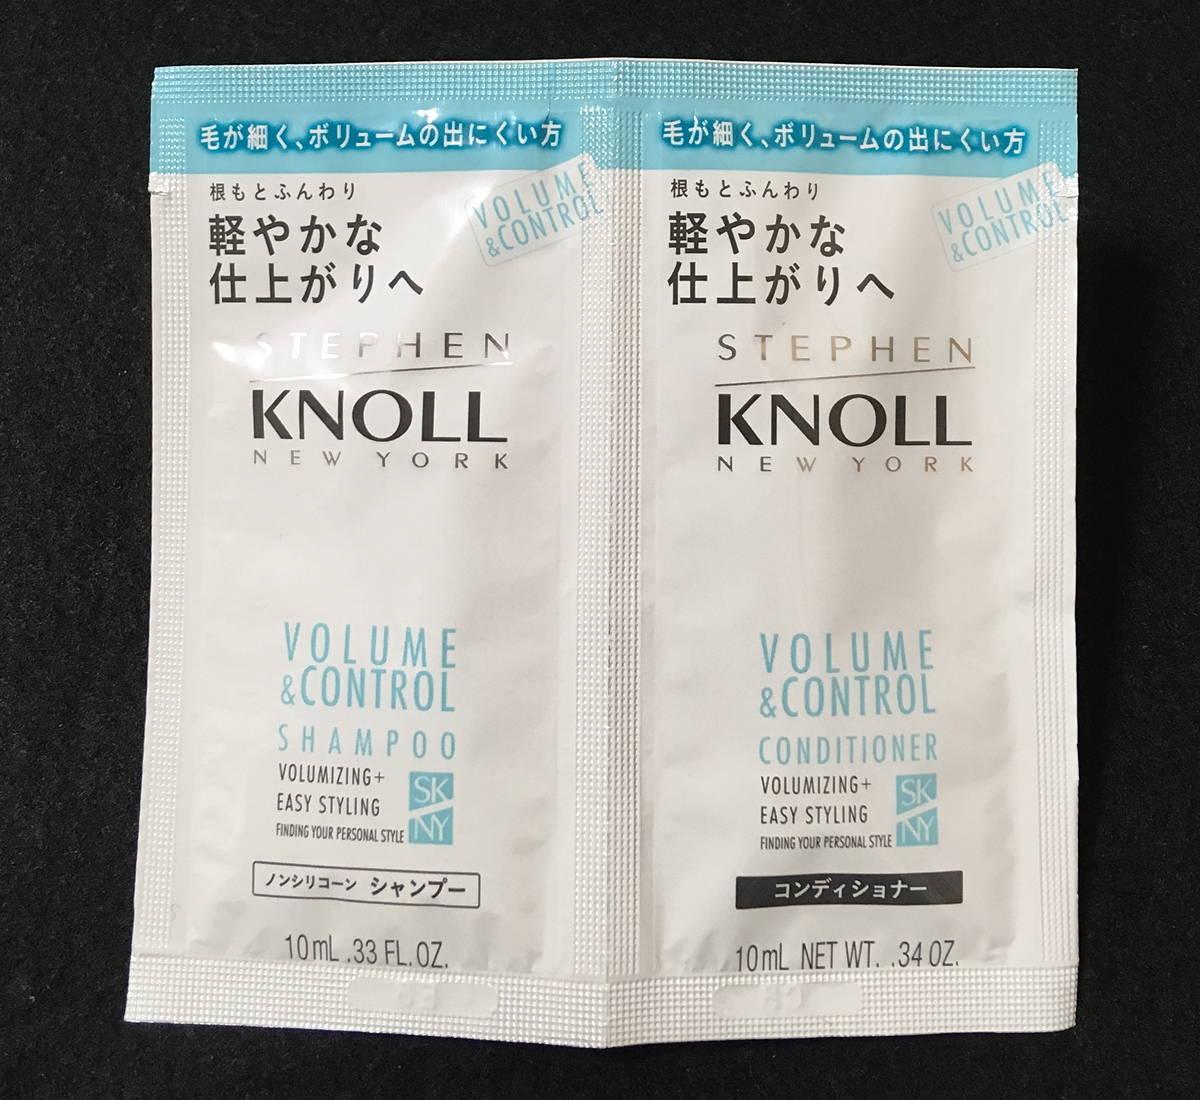 スティーブンノル STEPEN KNOLL コーセー KOSE ボリュームコントロール 日本製 MADE IN JAPAN